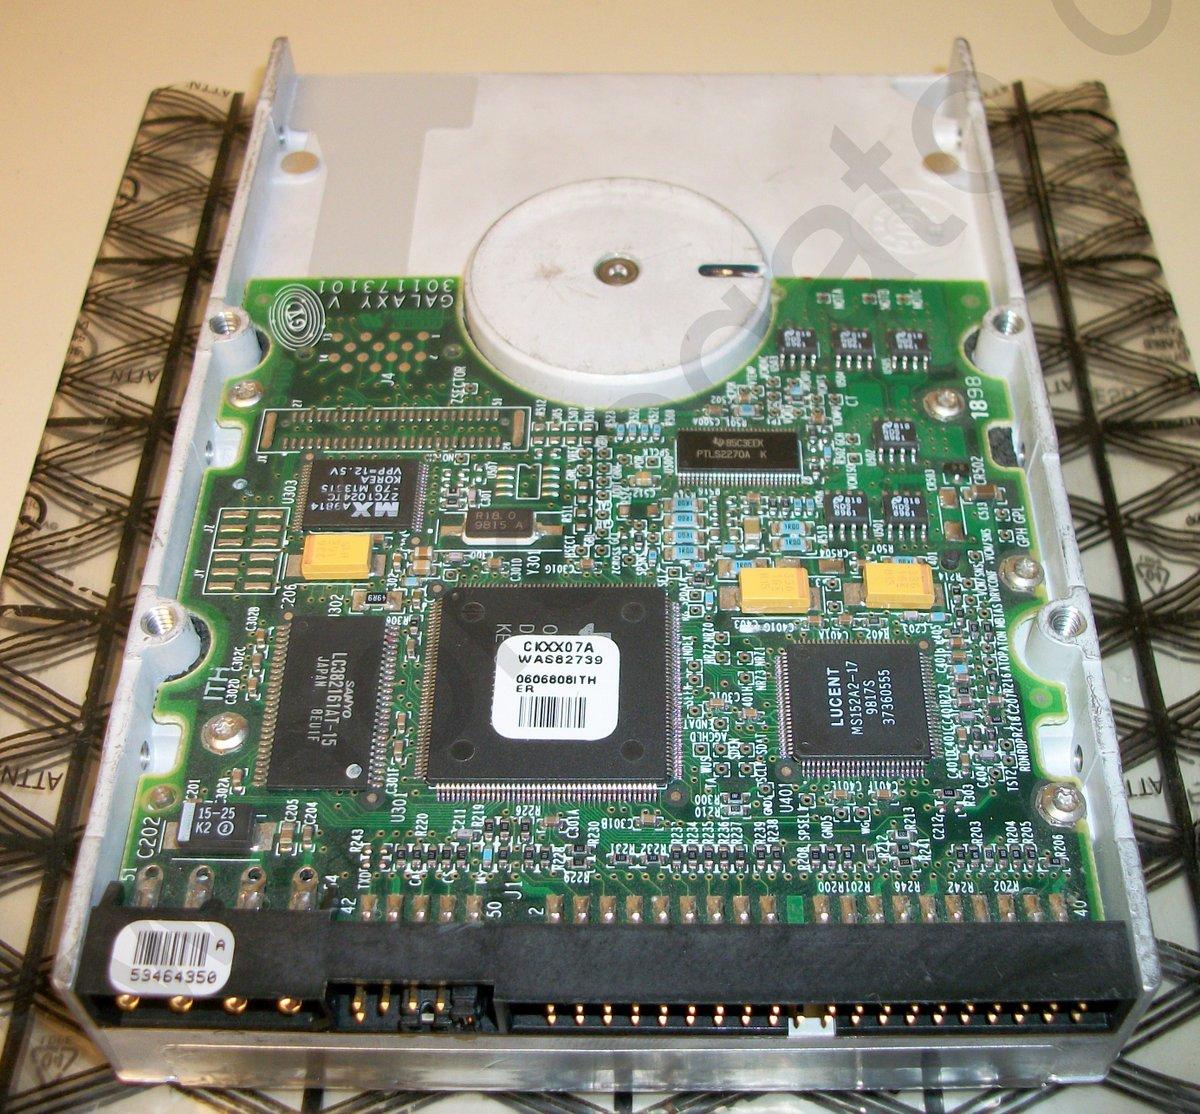 Maxtor 43GB 4300MB IDE ATA Internal Hard Drive Disk 90432D3 1998